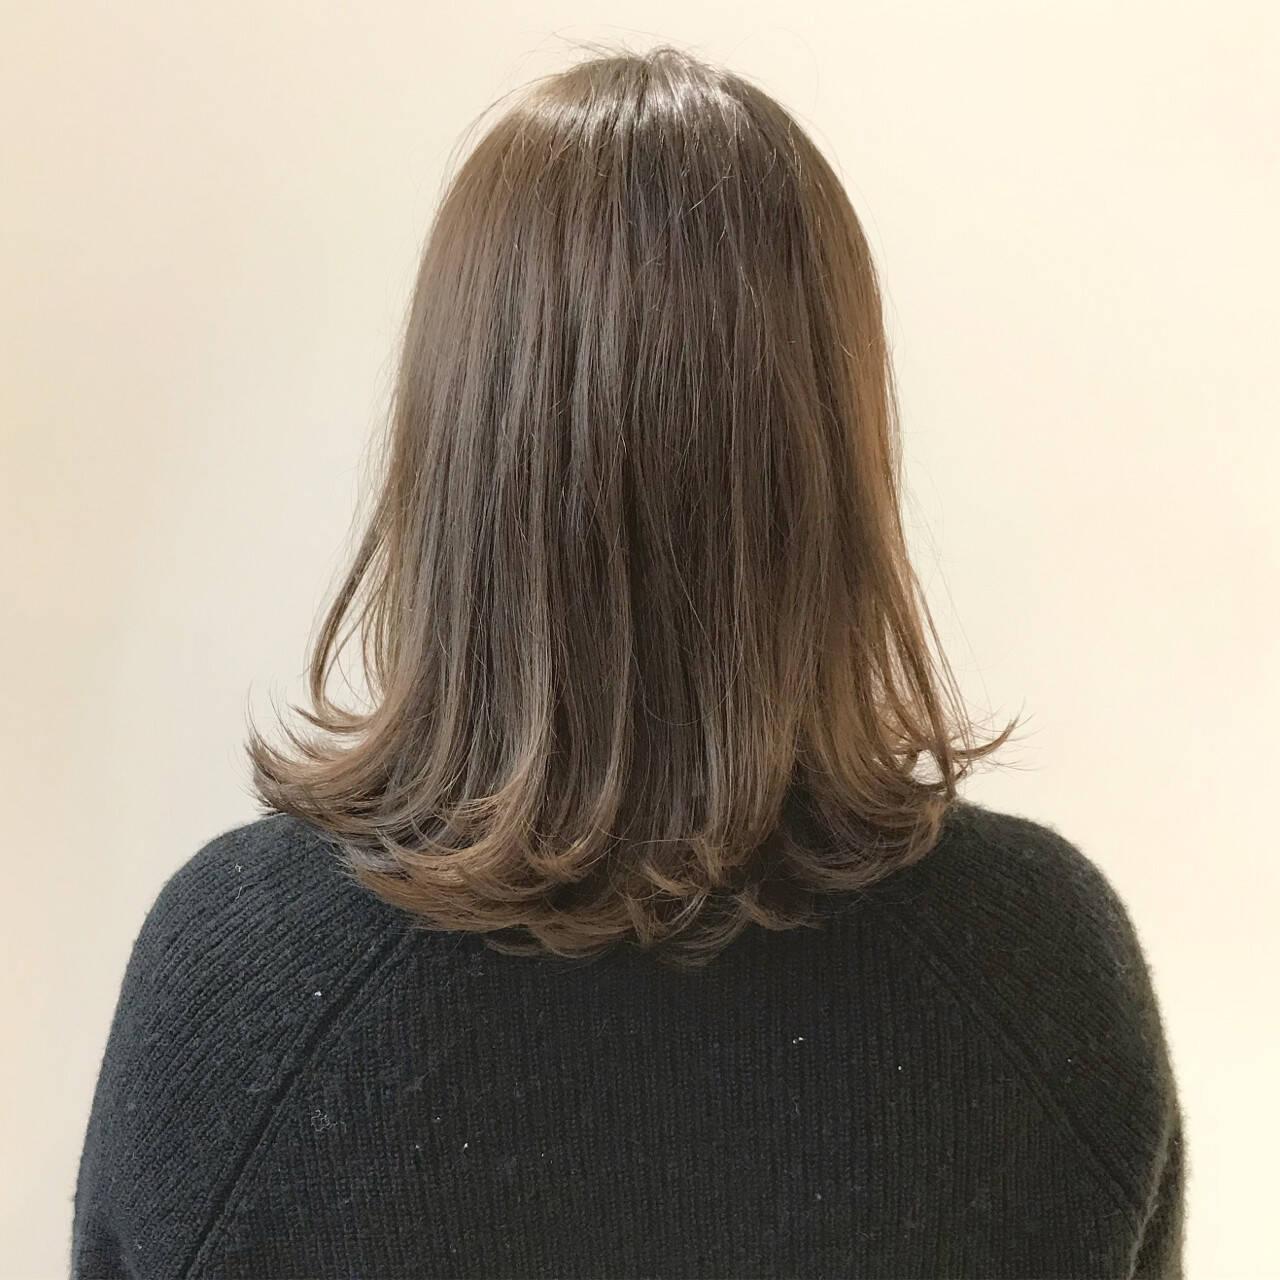 ベージュ ロブ ミディアム ナチュラルヘアスタイルや髪型の写真・画像